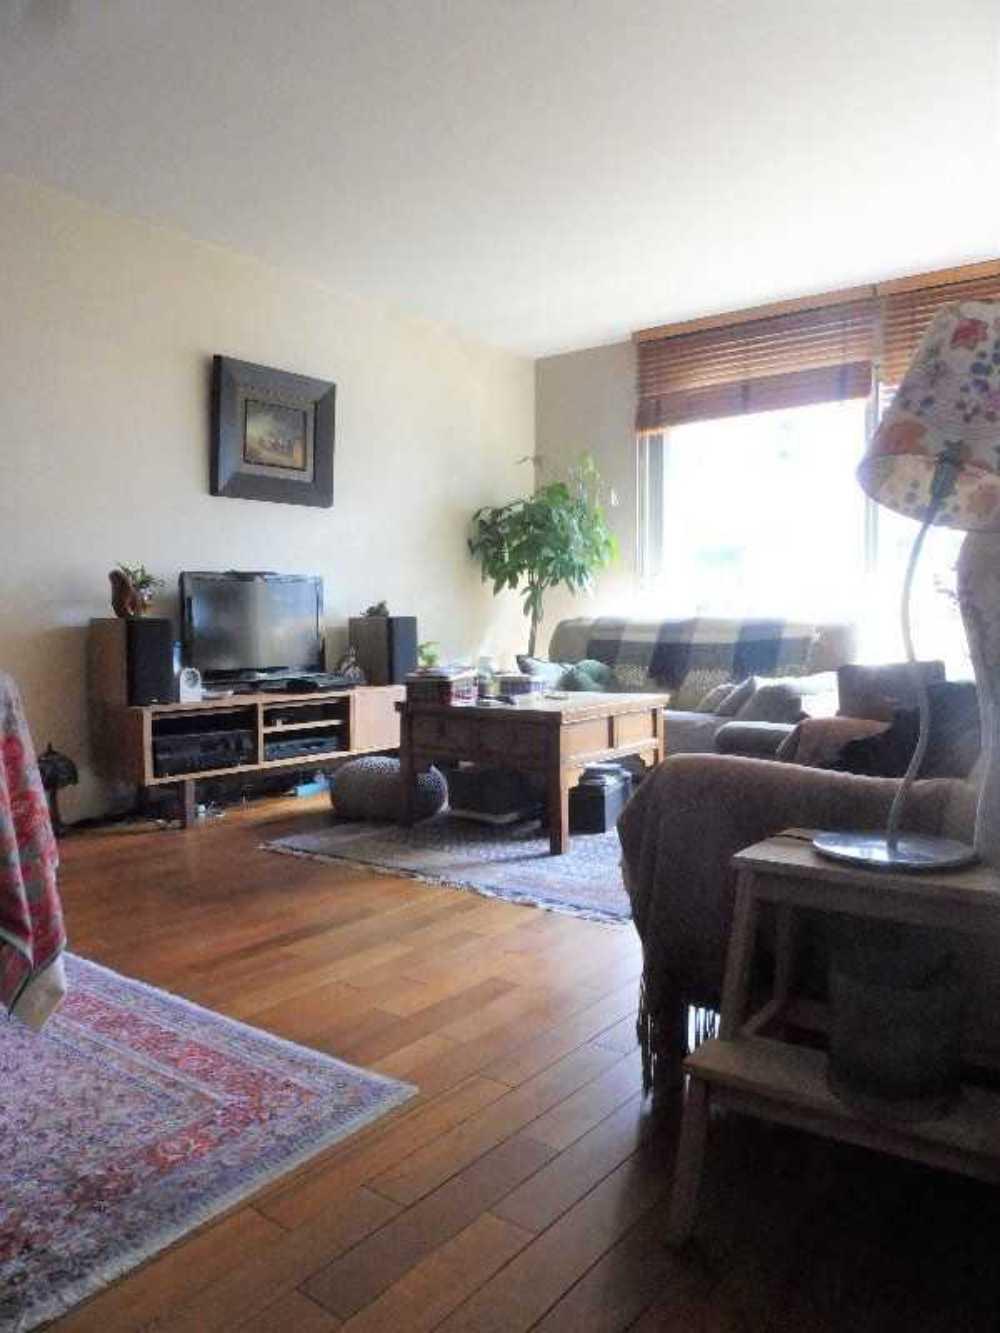 Paris 12e Arrondissement Paris (Seine) Apartment Bild 4080709